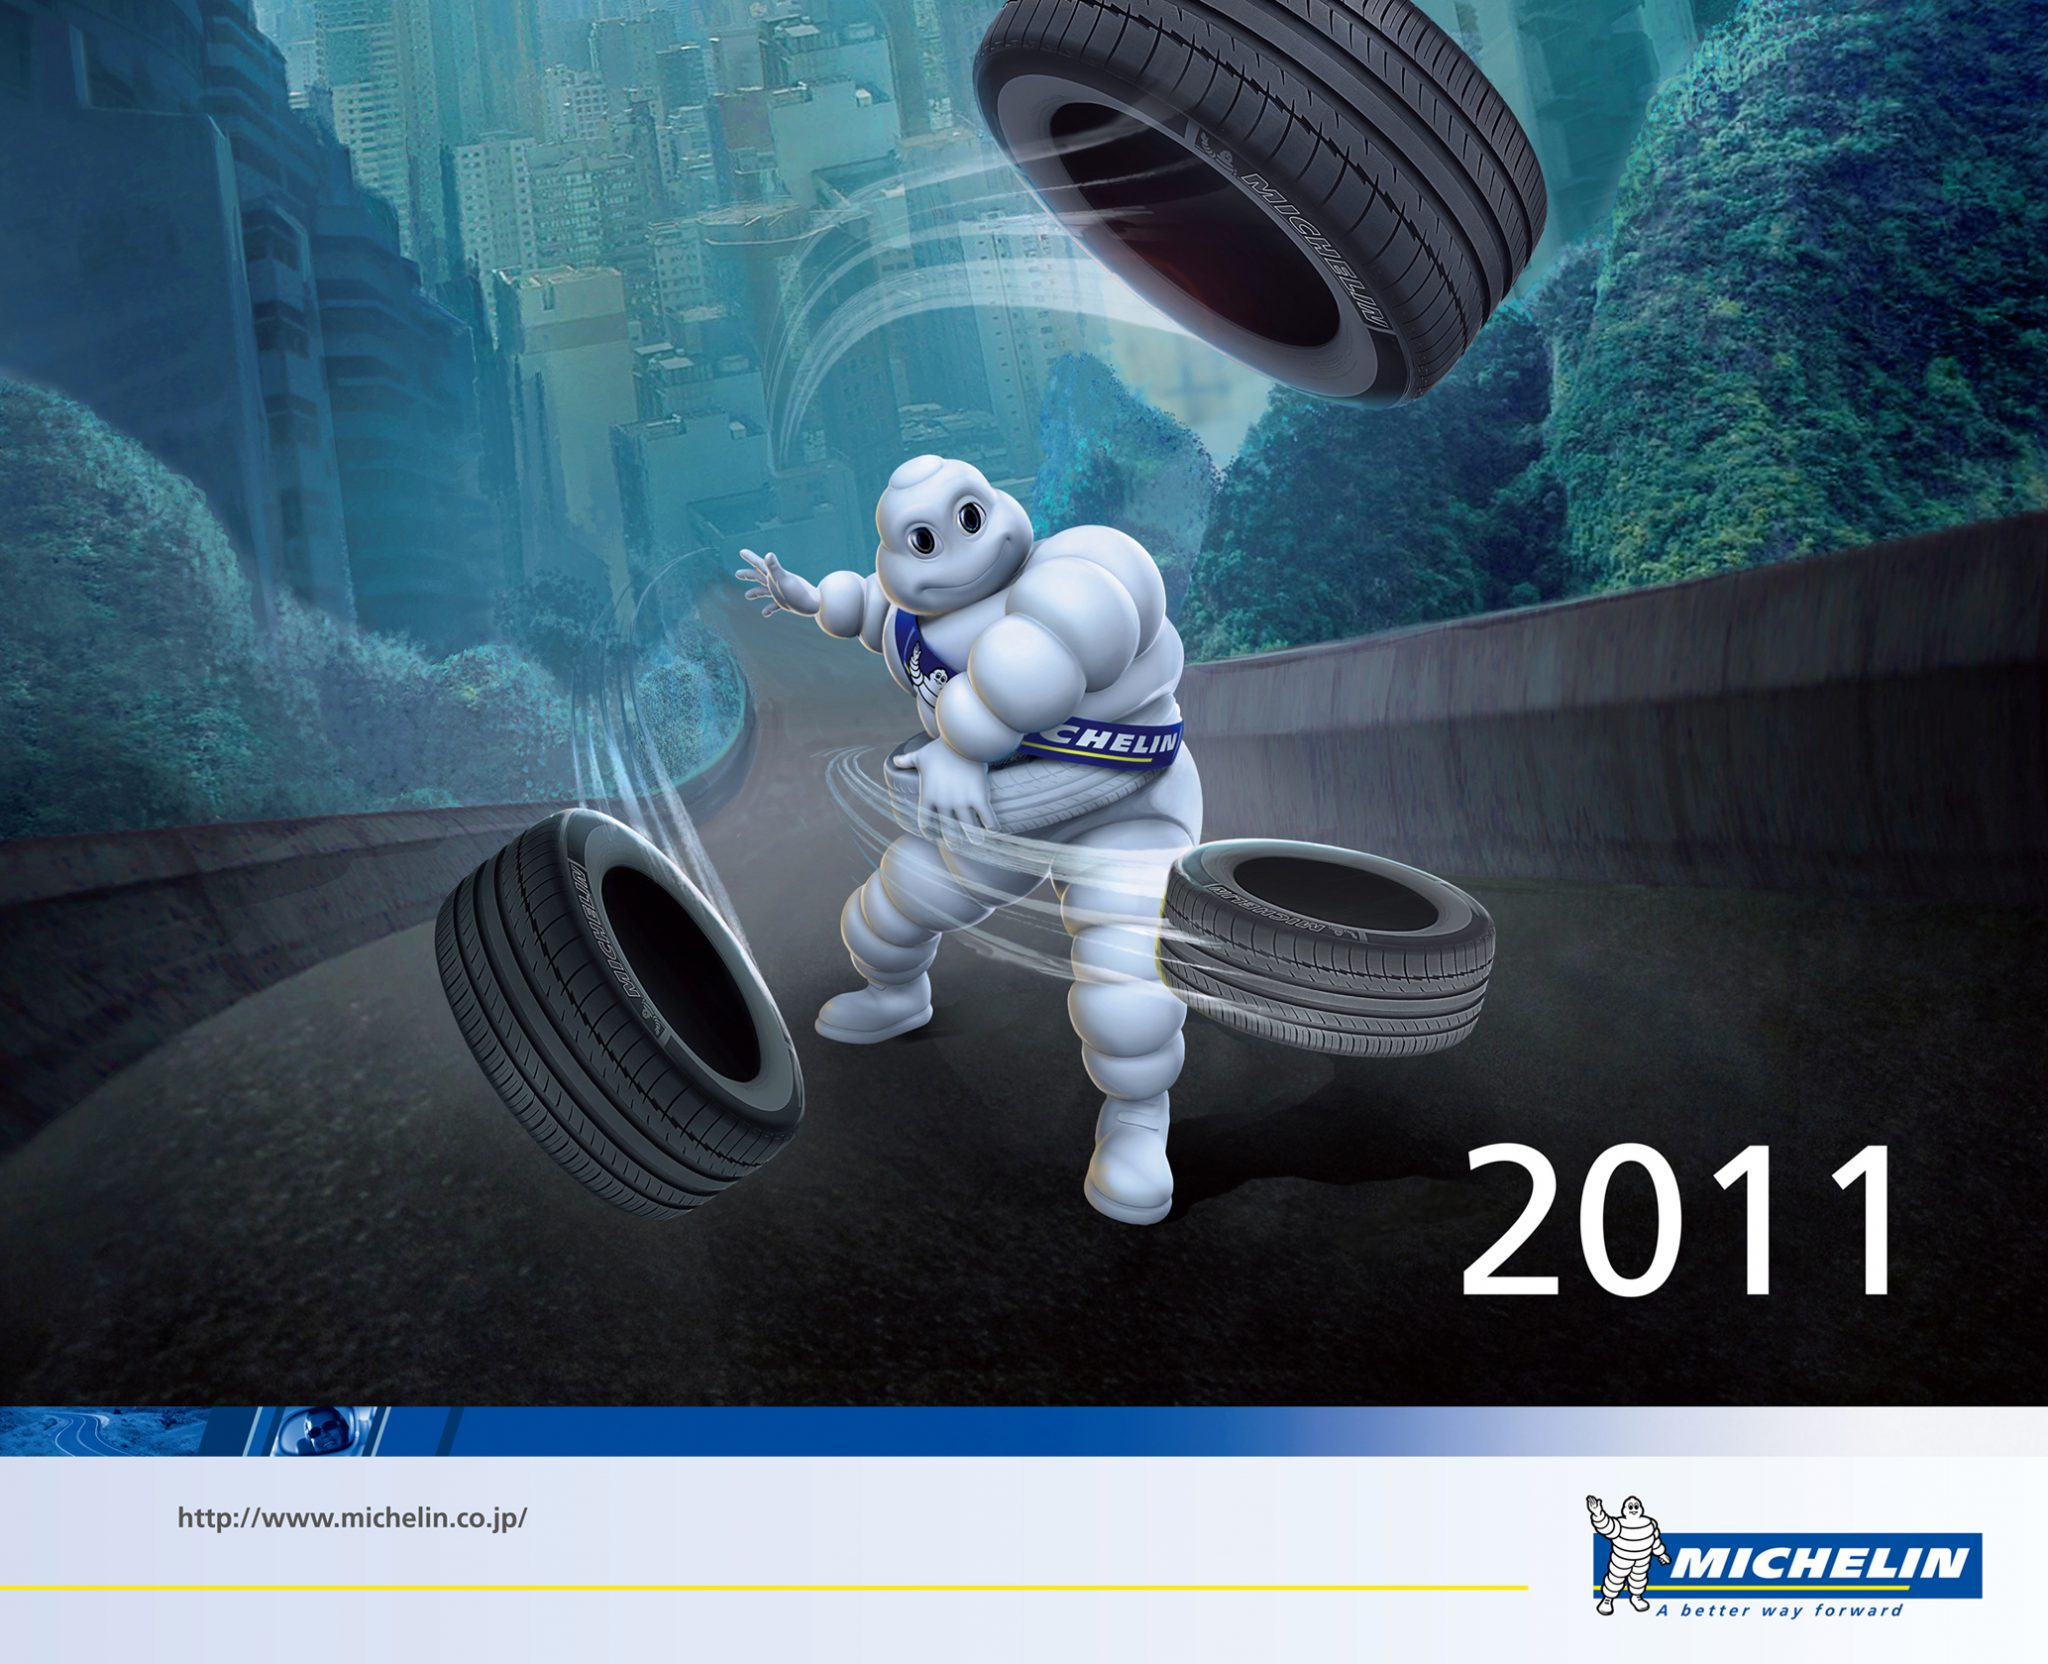 ミシュラン2011年カレンダー